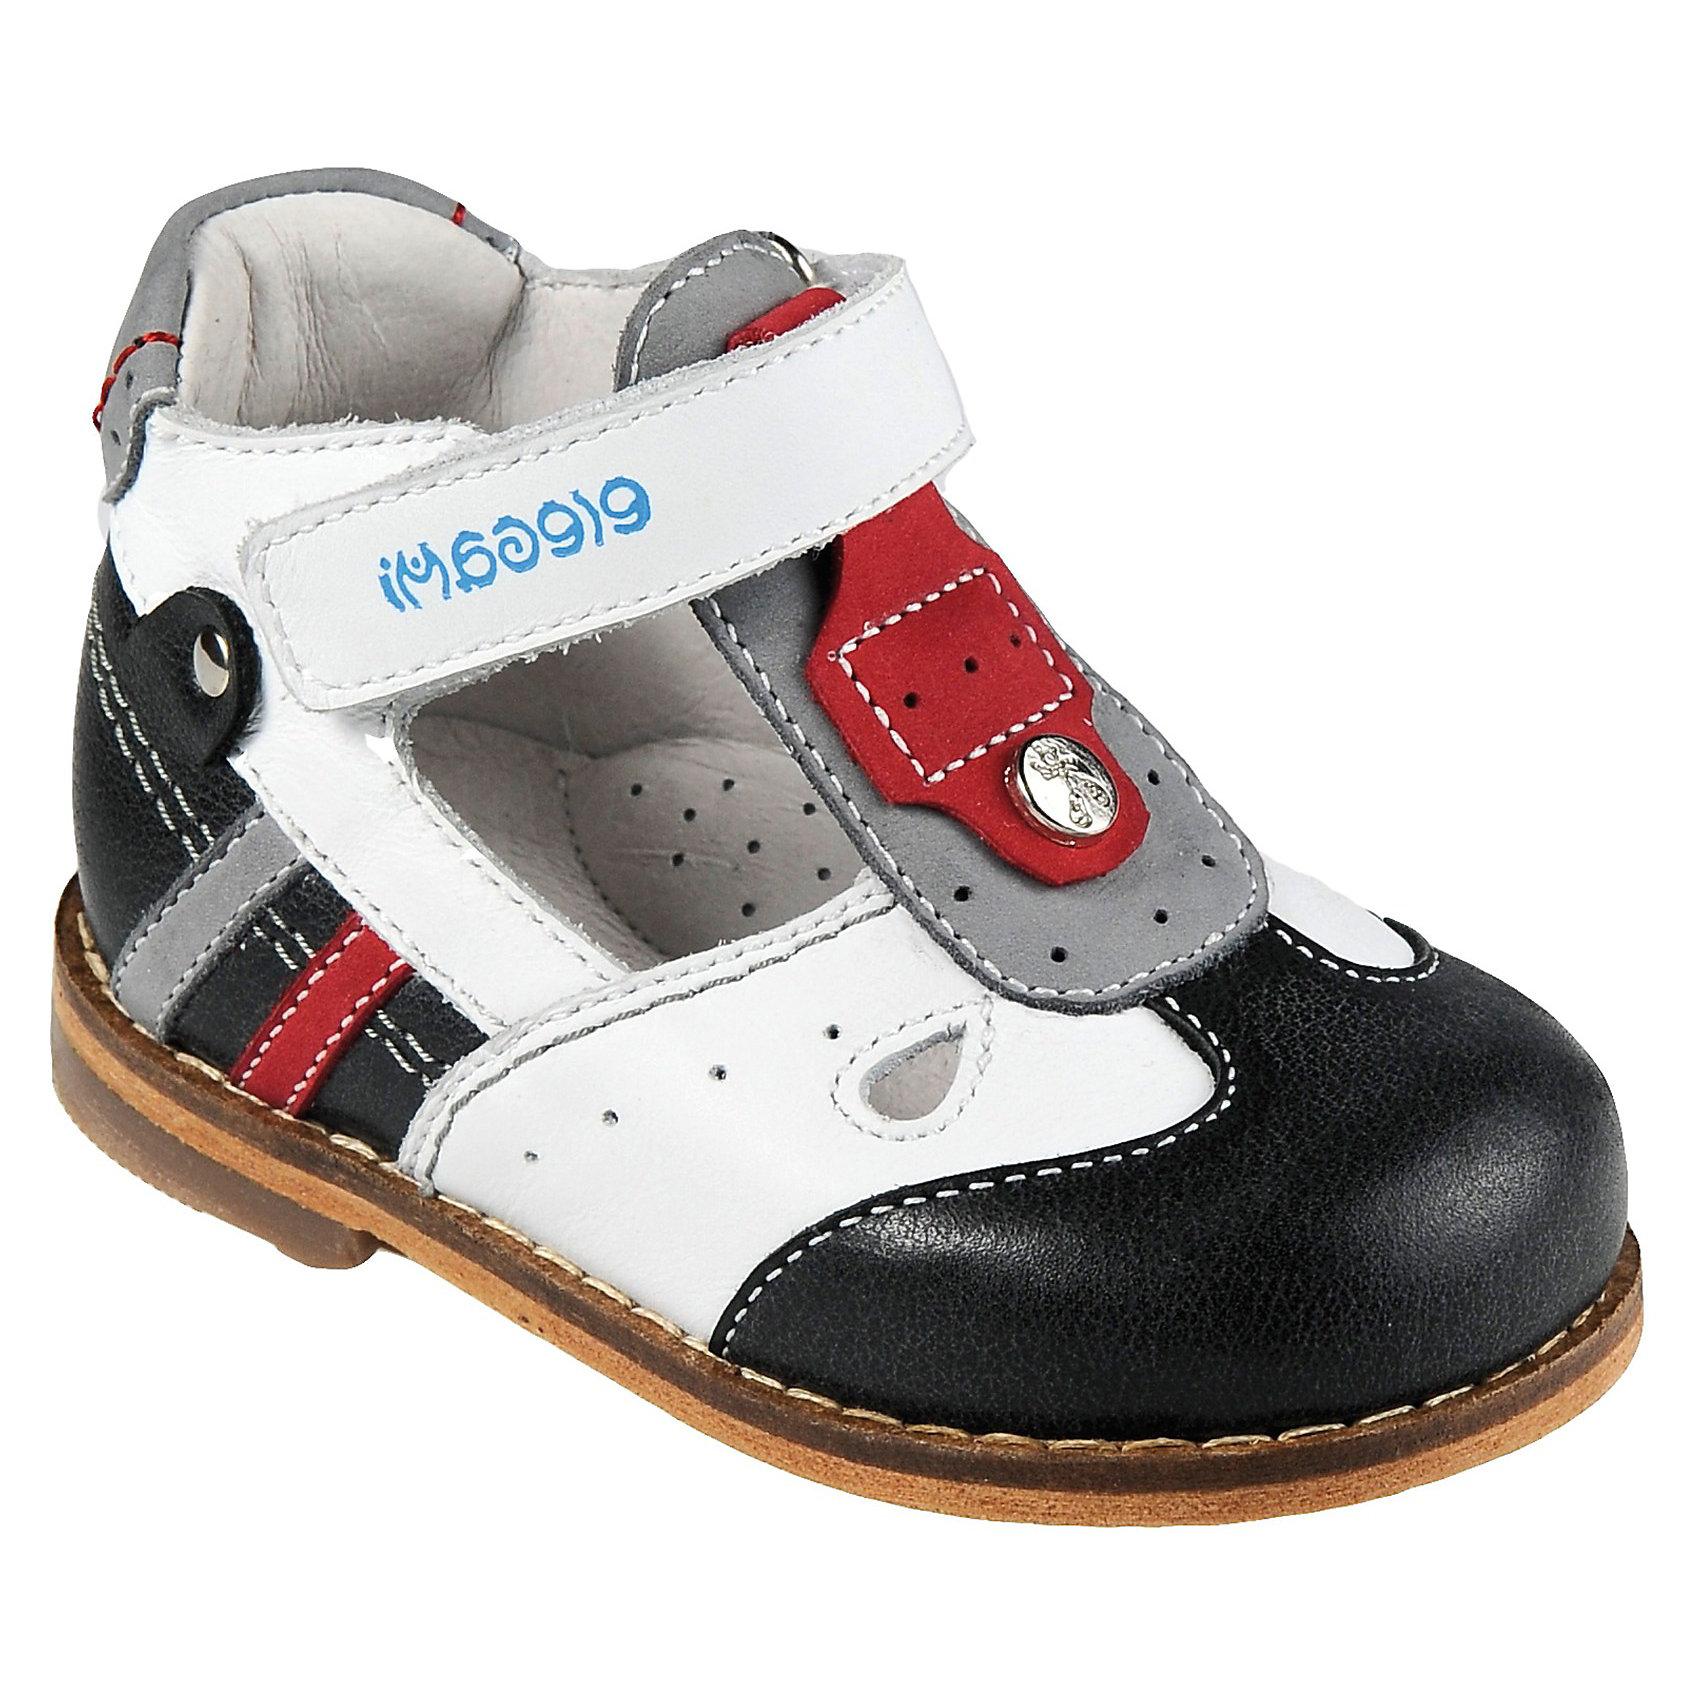 ELEGAMI Туфли   для мальчикаТуфли для мальчиков FIRST STEP ELEGAMI.Обувь для профилактики ортопедических заболеваний с первых шагов.Изготовленна из высококачественных натуральных кож.от популярного бенрда ELEGAMI.<br>Состав:<br>верх-нат.кожа             подкл-нат.кожа.                              Подошва-нат.кожа.<br><br>Ширина мм: 227<br>Глубина мм: 145<br>Высота мм: 124<br>Вес г: 325<br>Цвет: серый<br>Возраст от месяцев: 9<br>Возраст до месяцев: 12<br>Пол: Мужской<br>Возраст: Детский<br>Размер: 20,23,19,22,18,21<br>SKU: 3295239